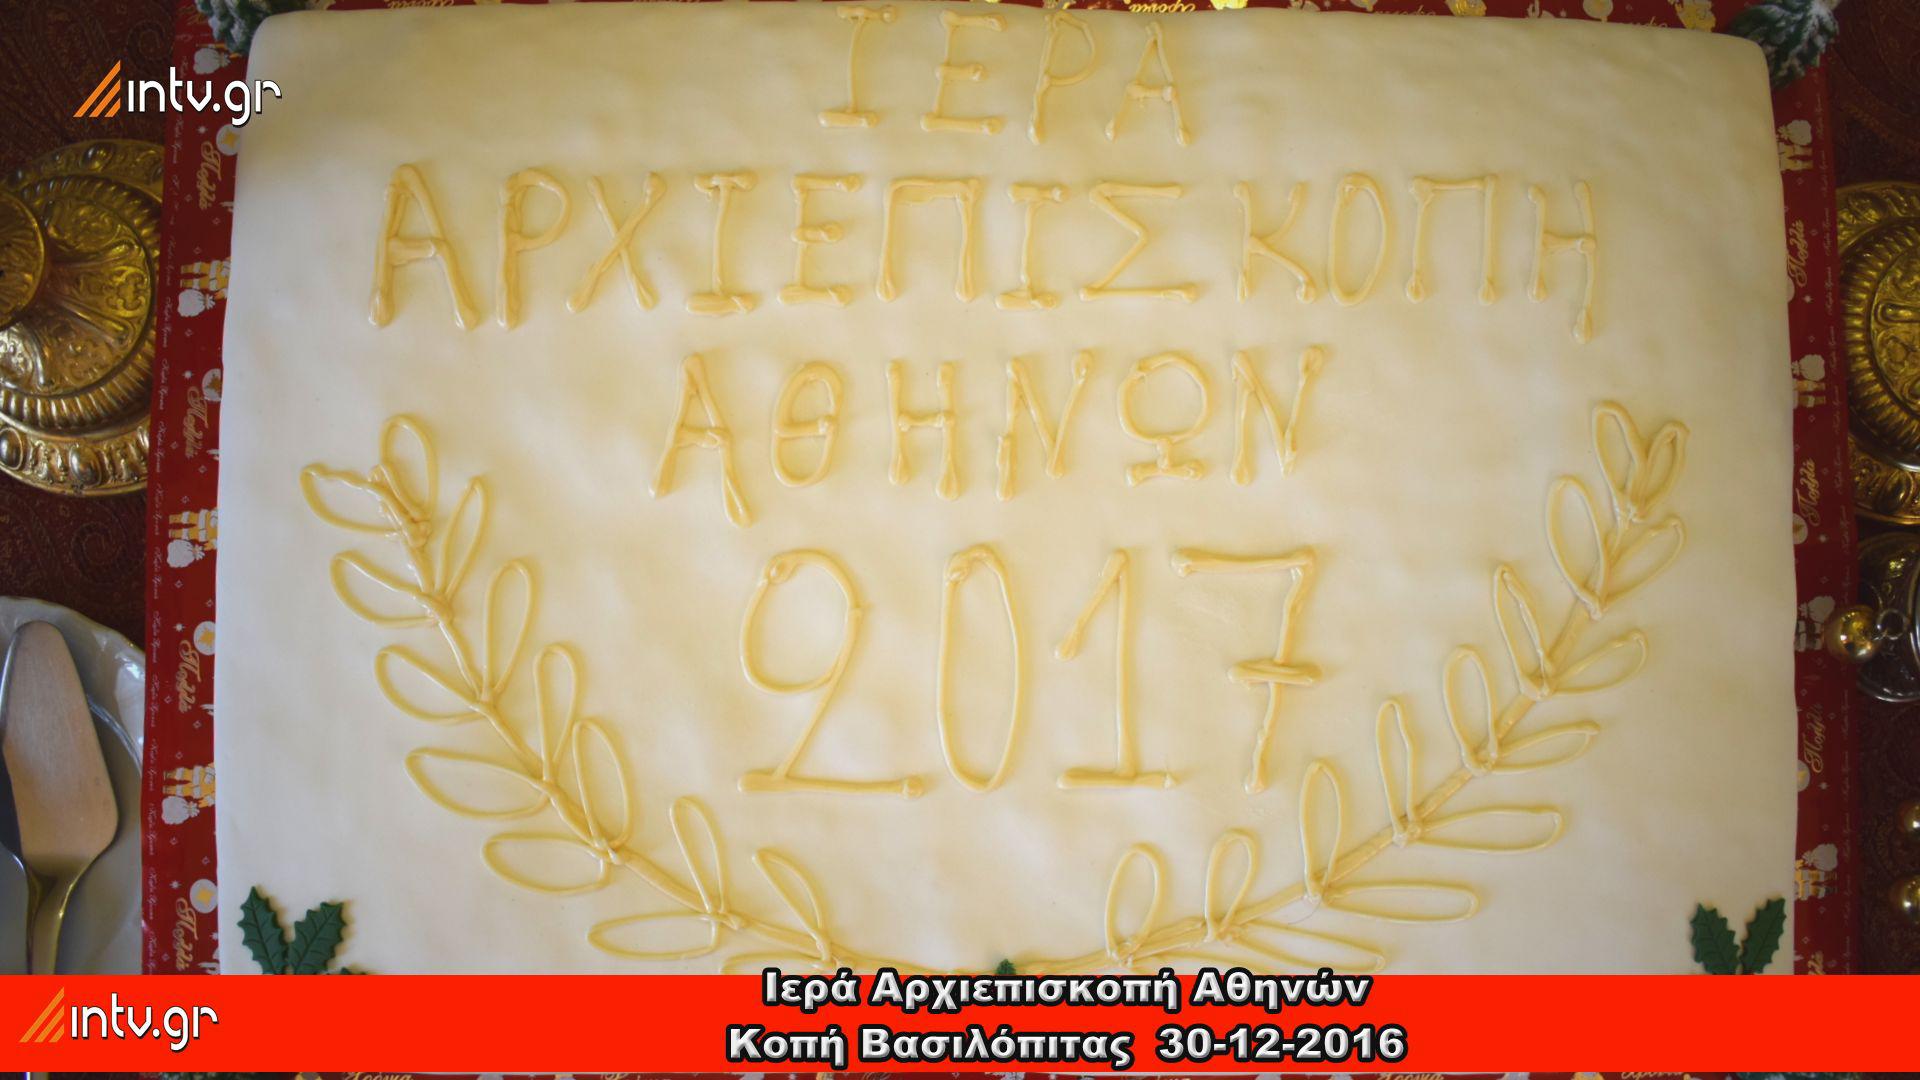 Ιερά Αρχιεπισκοπή Αθηνών - Κοπή Βασιλόπιτας 2016